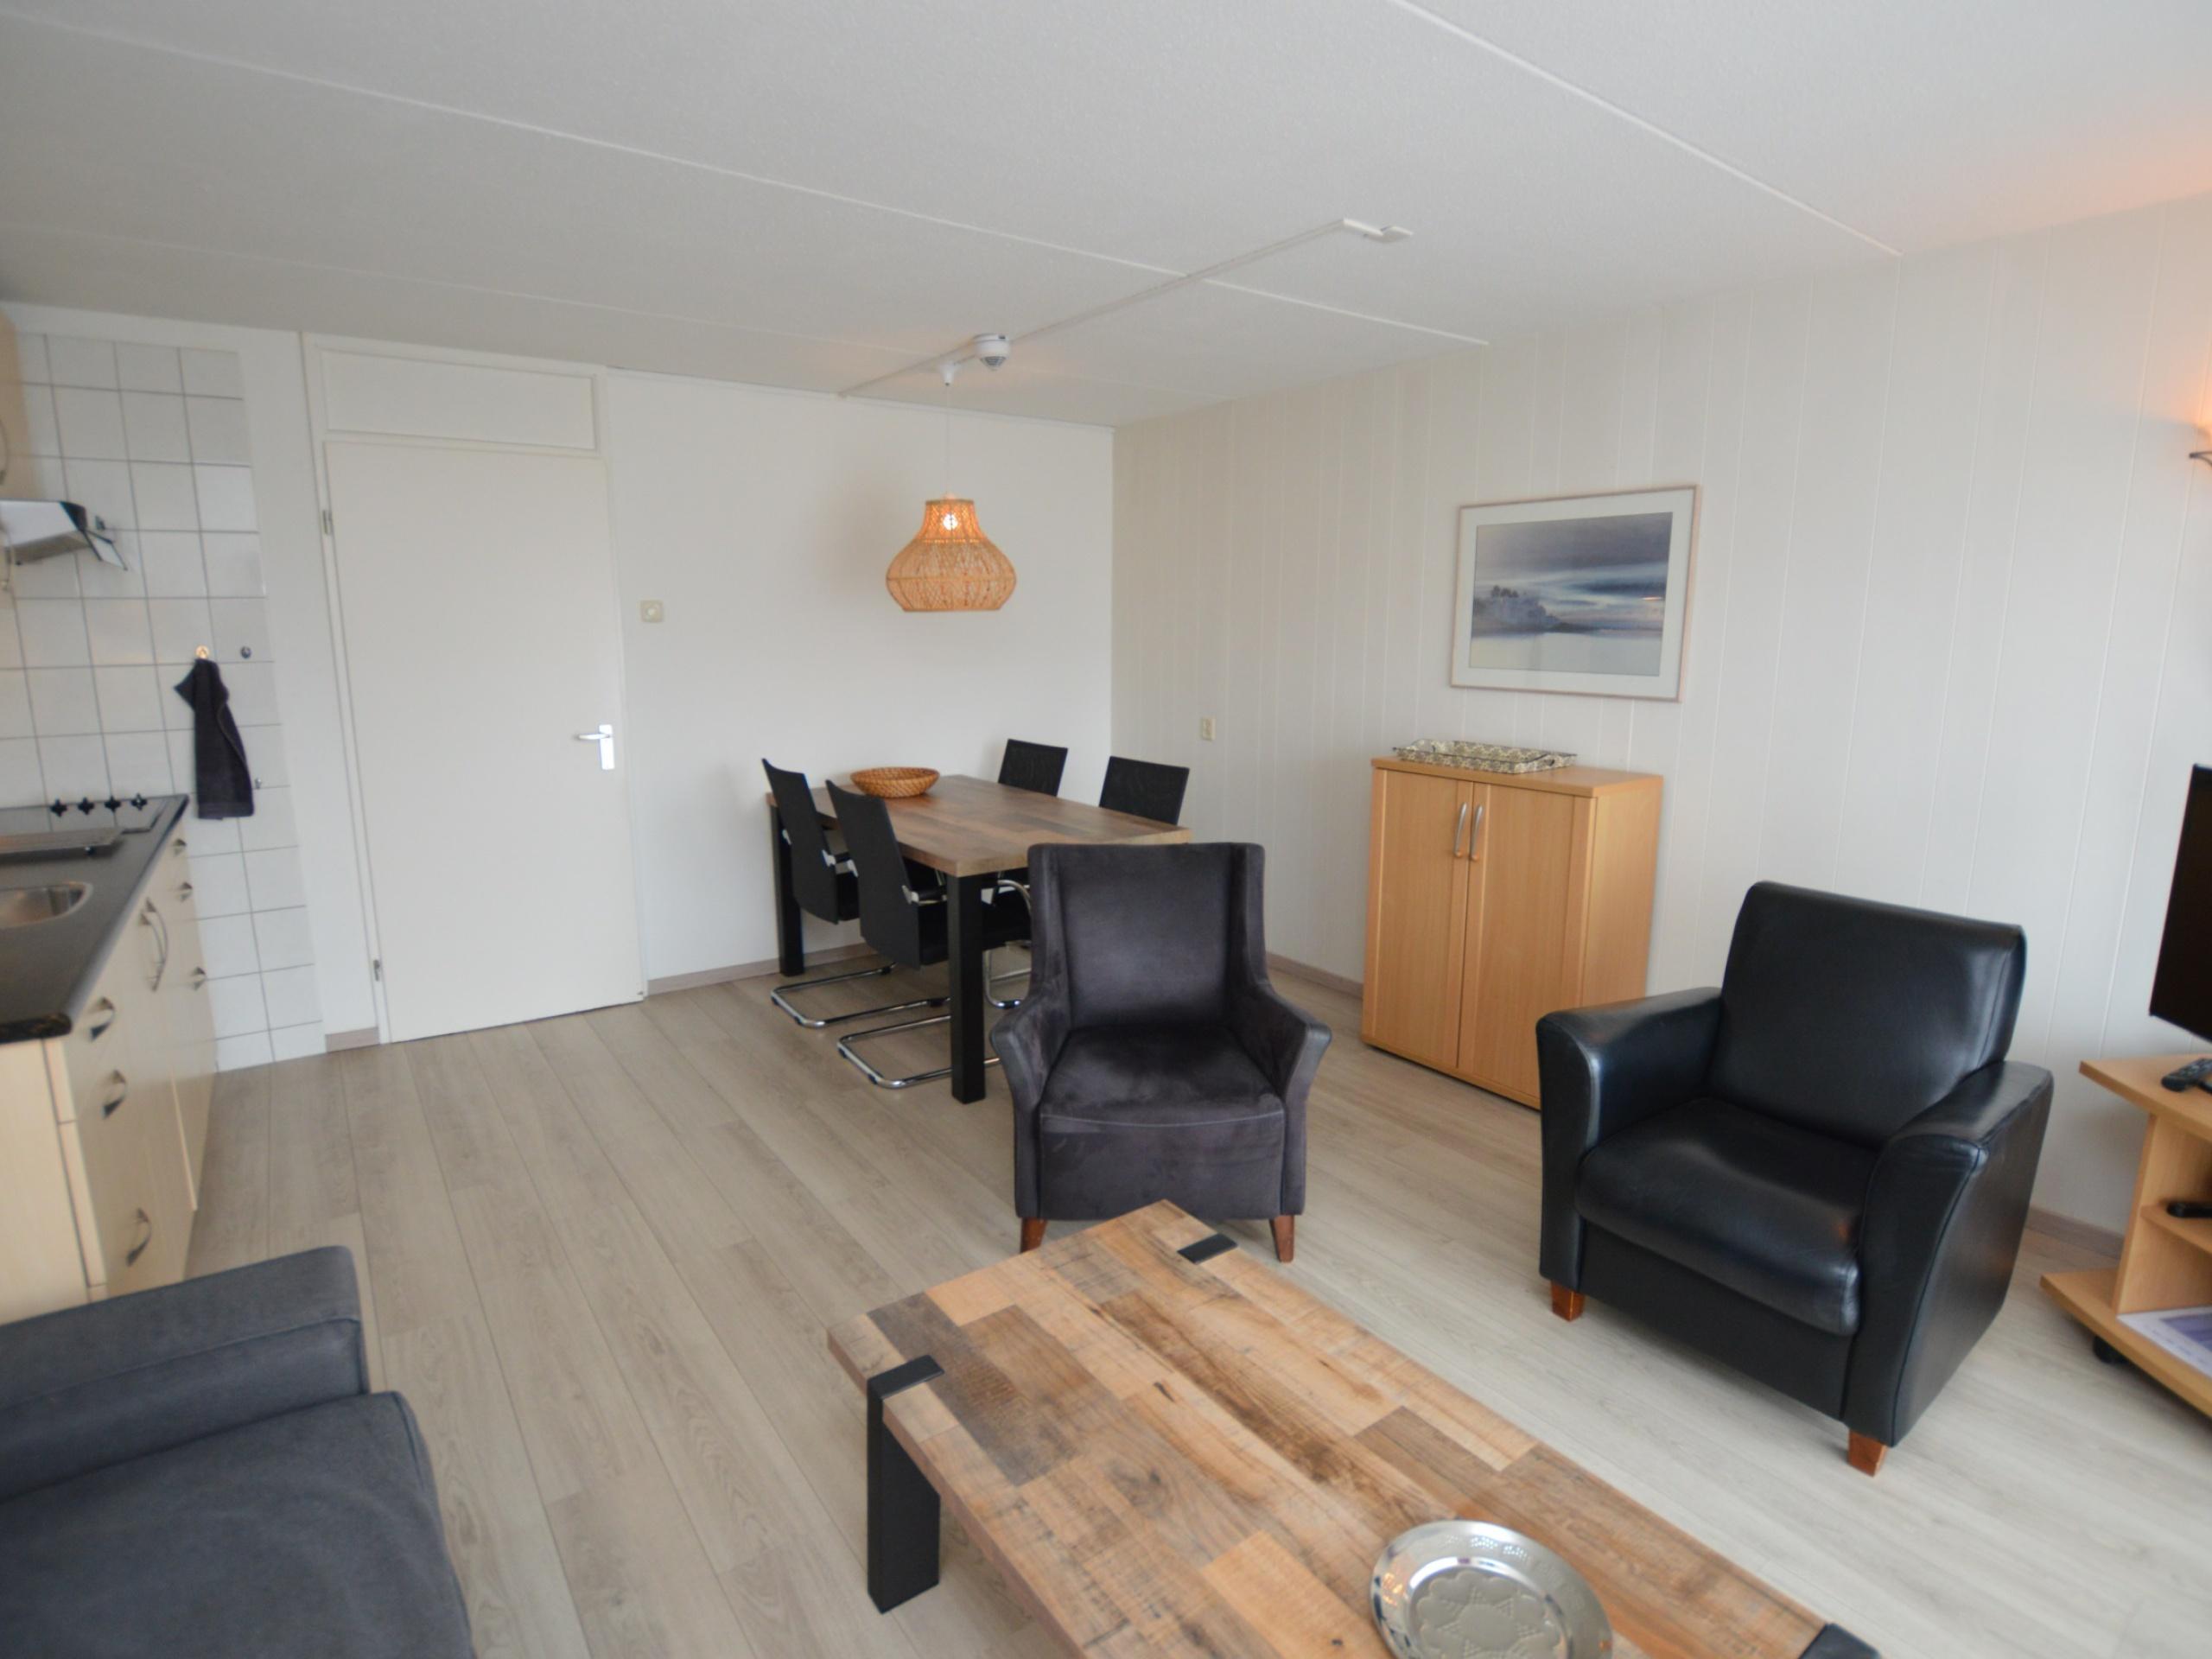 Ideal gelegenes Apartment mit Balkon im 1. Stock am Fuße der Dünen, mitten in De Koog.